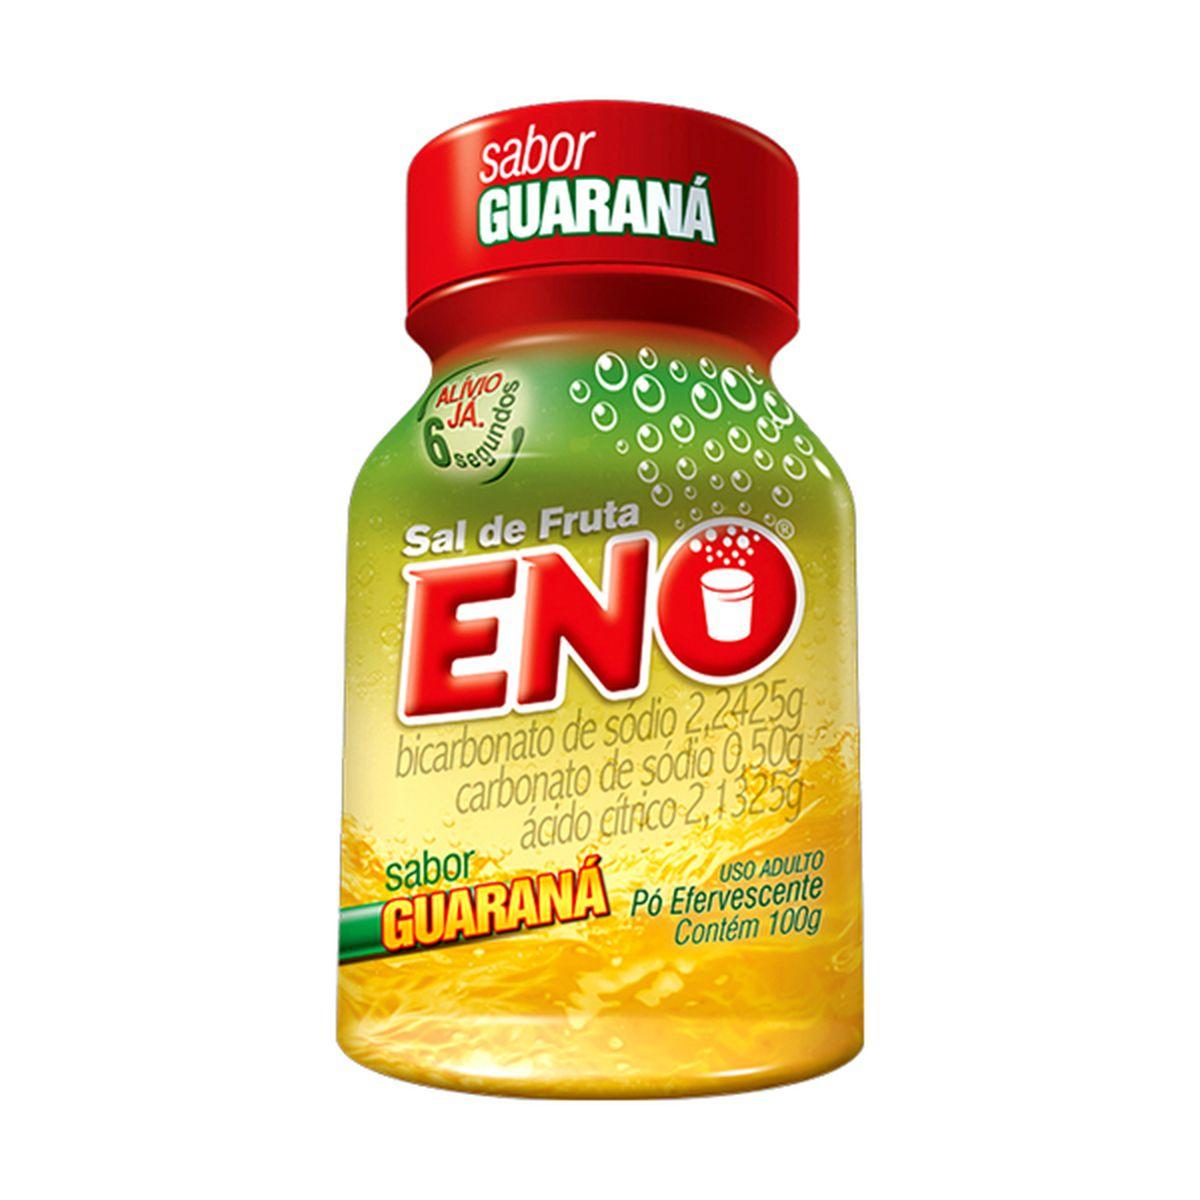 SAL DE FRUTA ENO GUARANA 100G